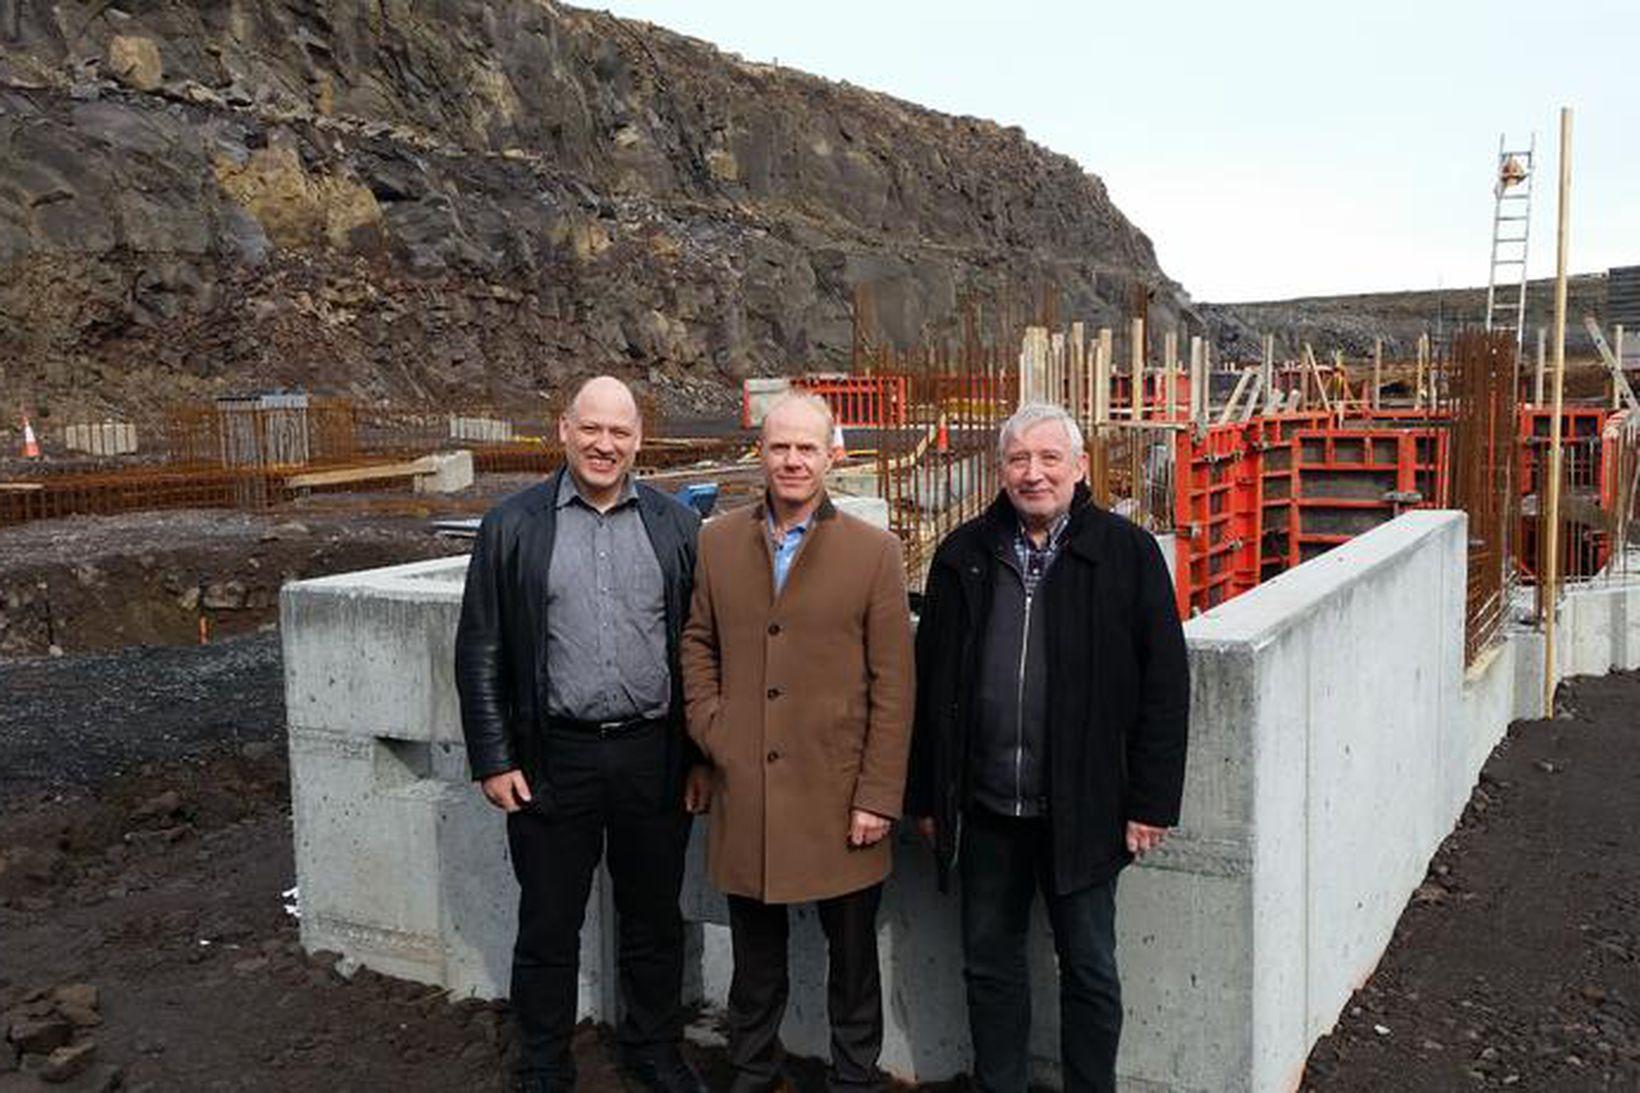 Þórður Magnússon, Magnús Garðarsson og Helgi Þórhallsson.